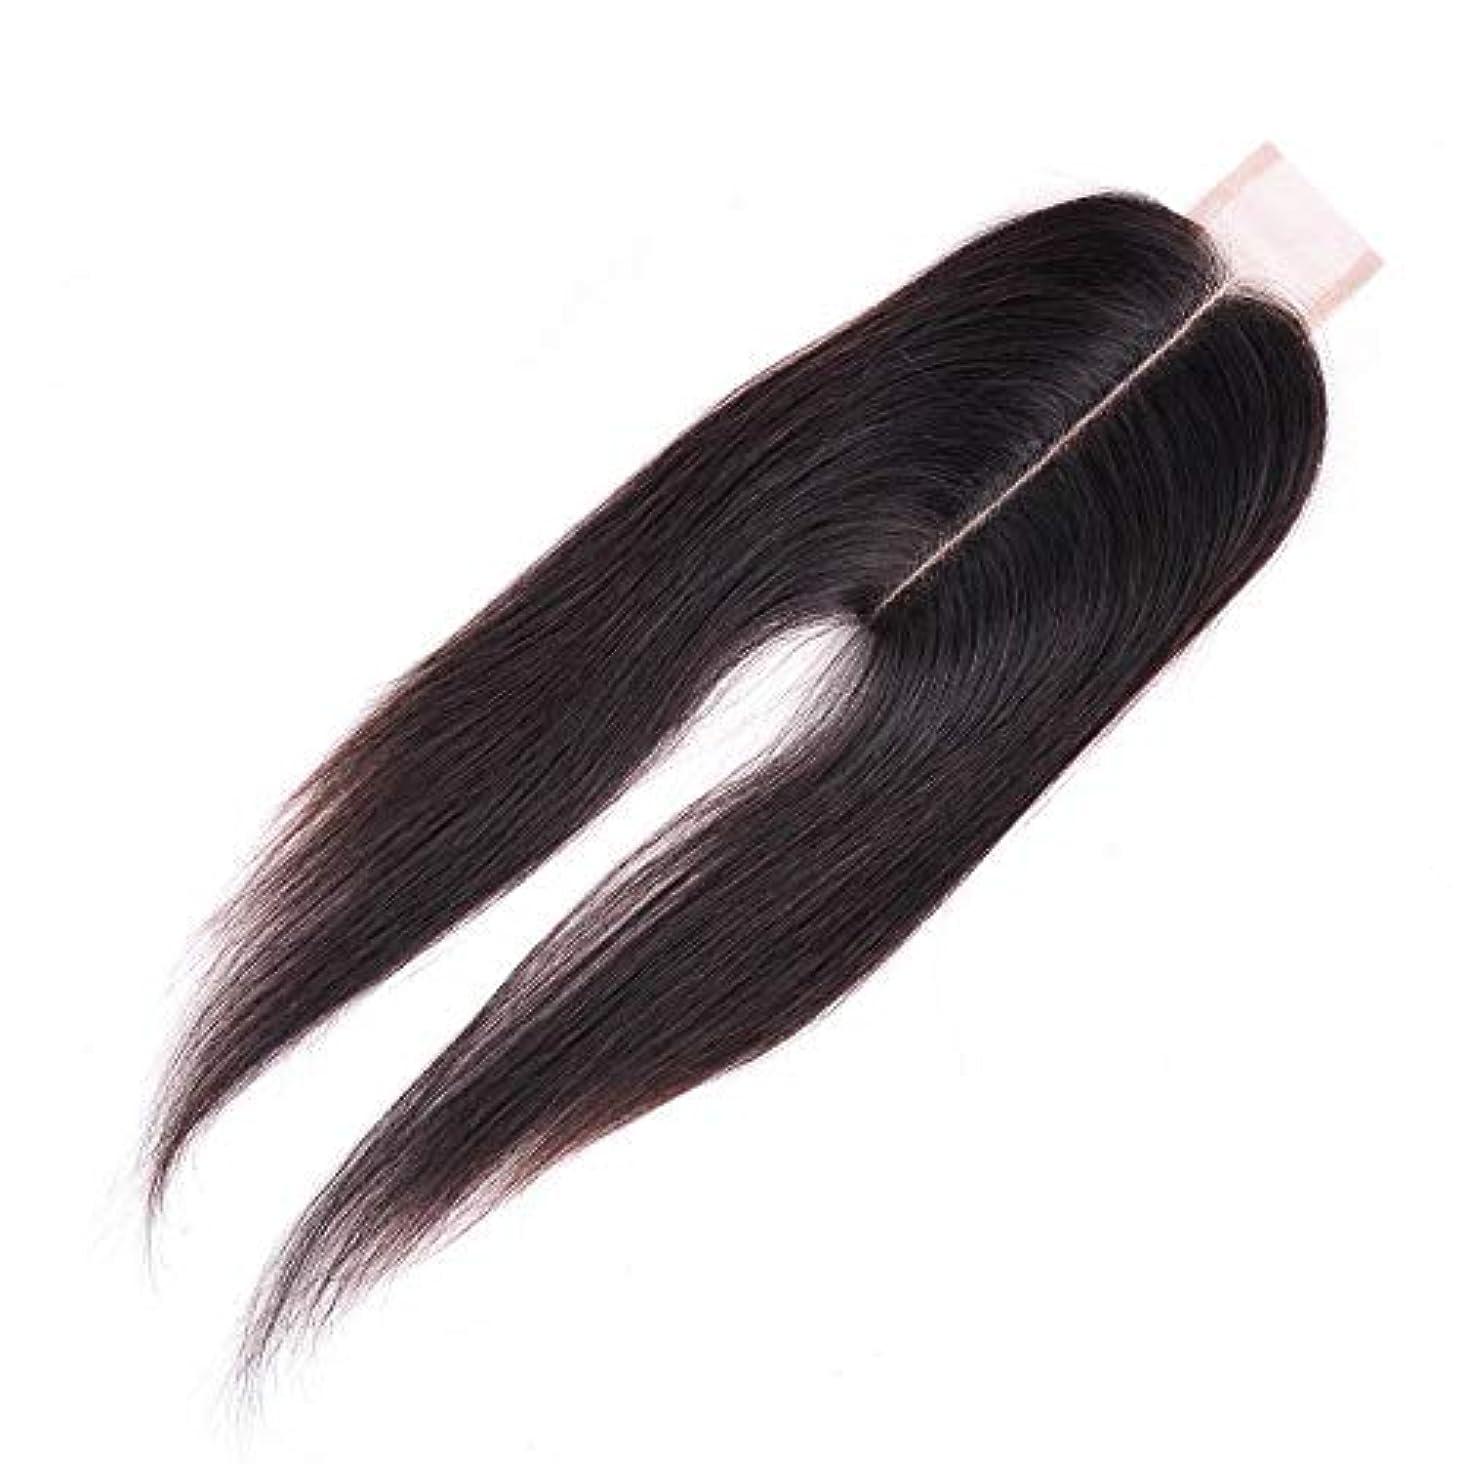 生き返らせる第九アンデス山脈WASAIO ブラジル人のバージンの人間の毛髪の中間の部分のまっすぐなレースの閉鎖 (色 : 黒, サイズ : 14 inch)